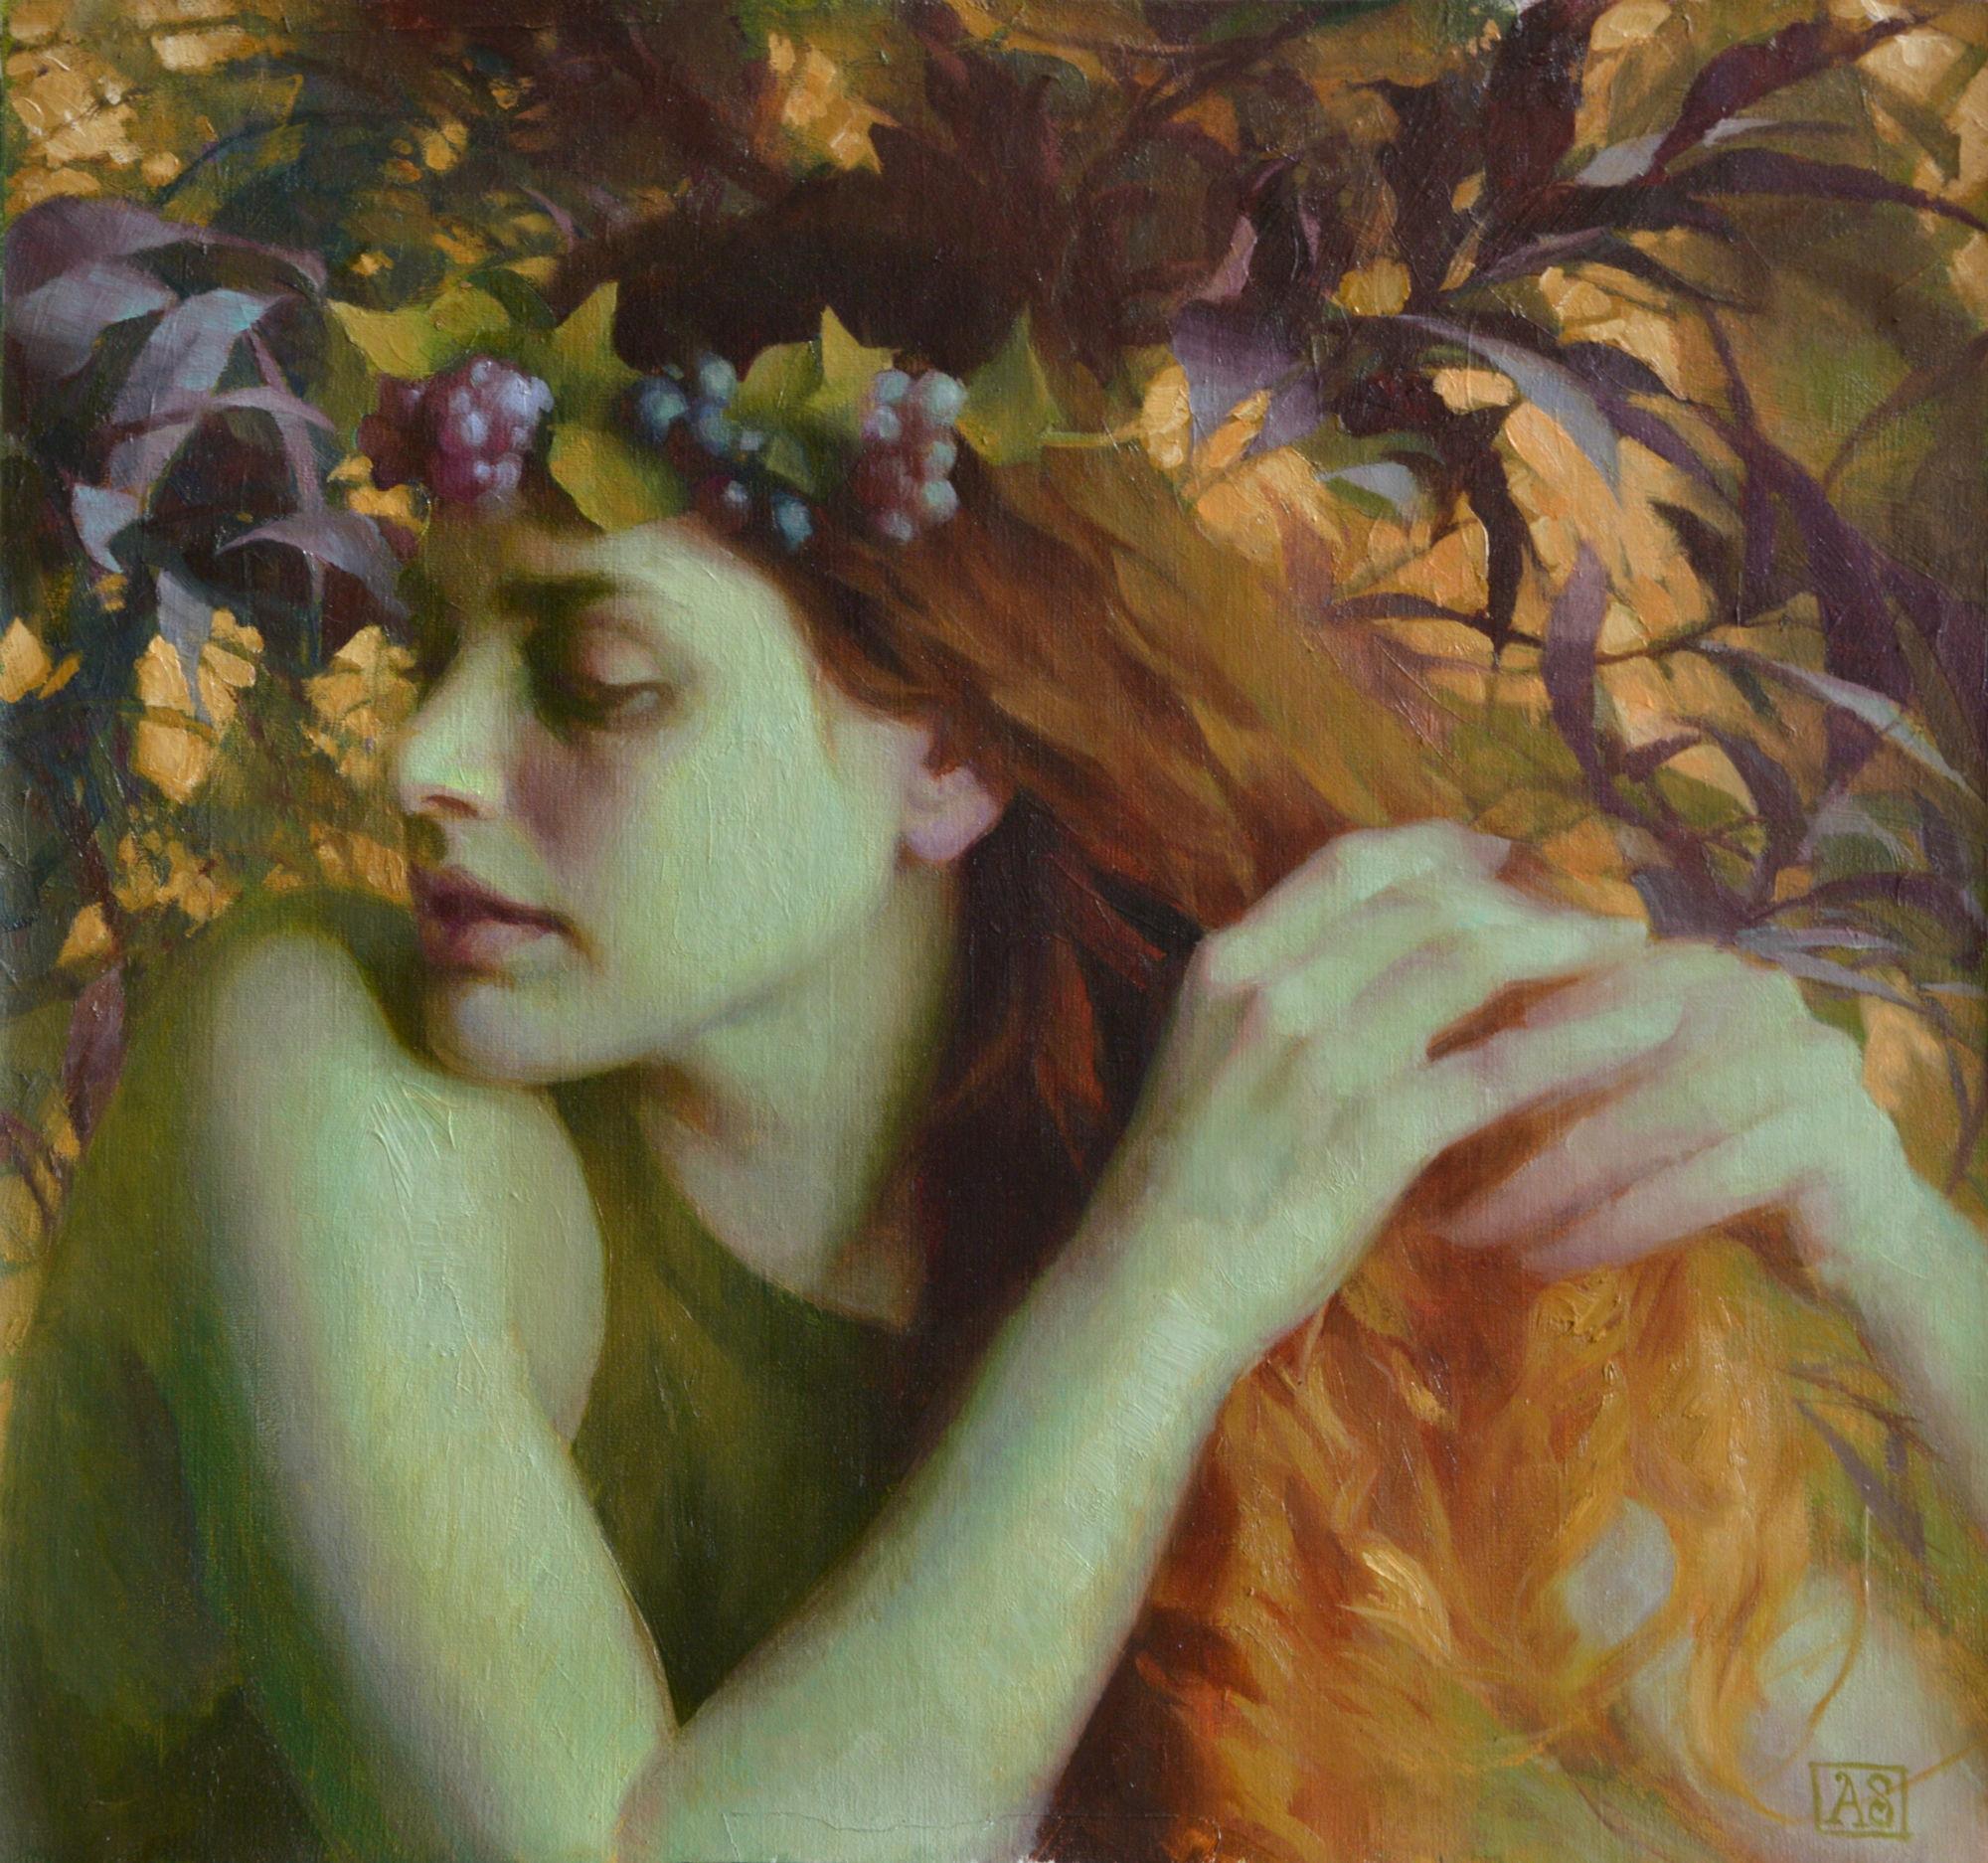 Bacchante II by Adrienne Stein